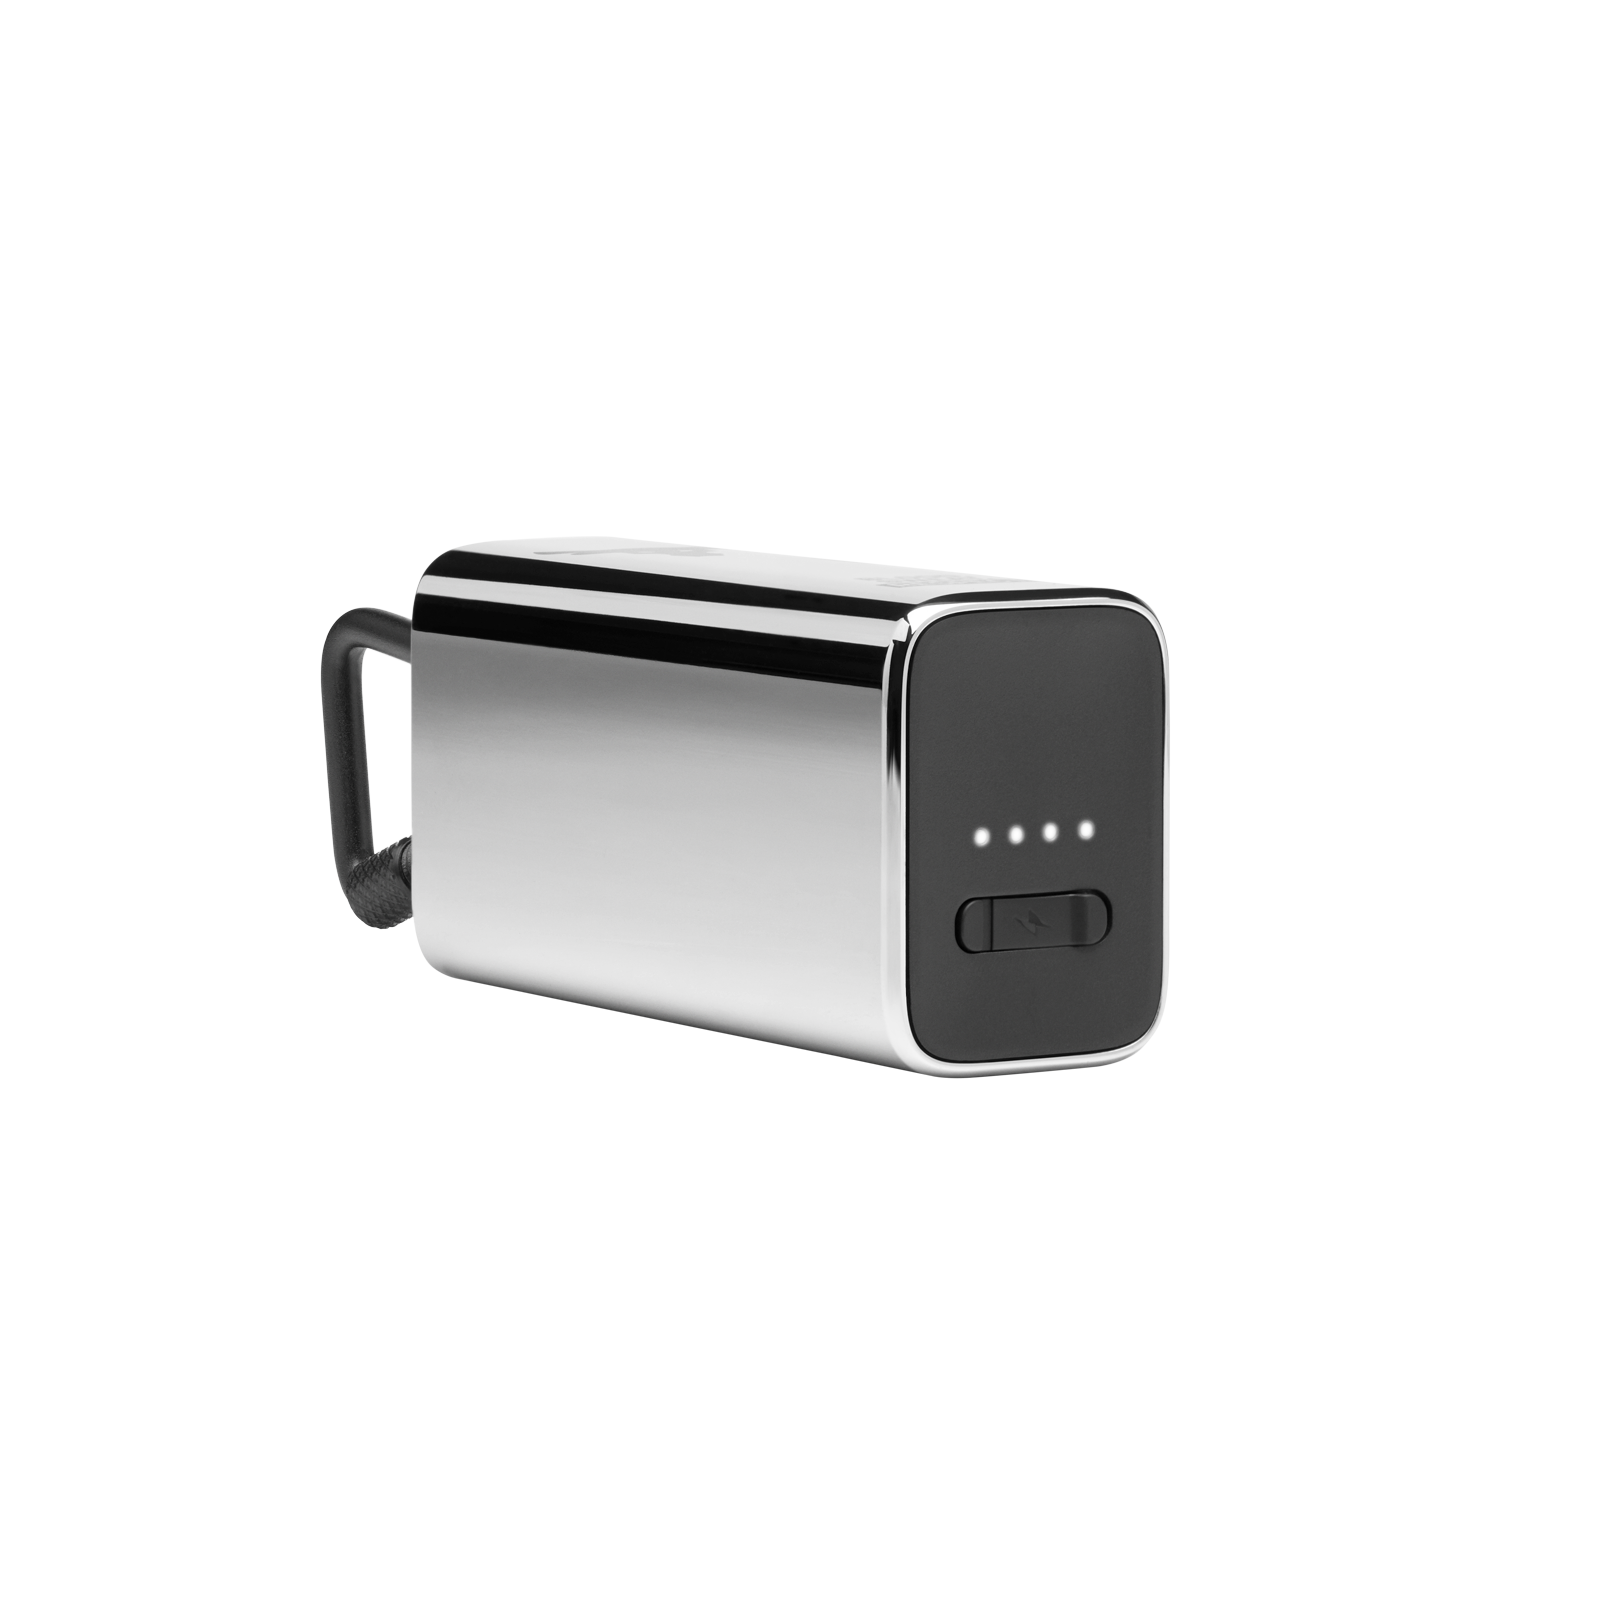 UA Project Rock True Wireless X - Engineered by JBL - Black - In-Ear Sport Headphones - Detailshot 6